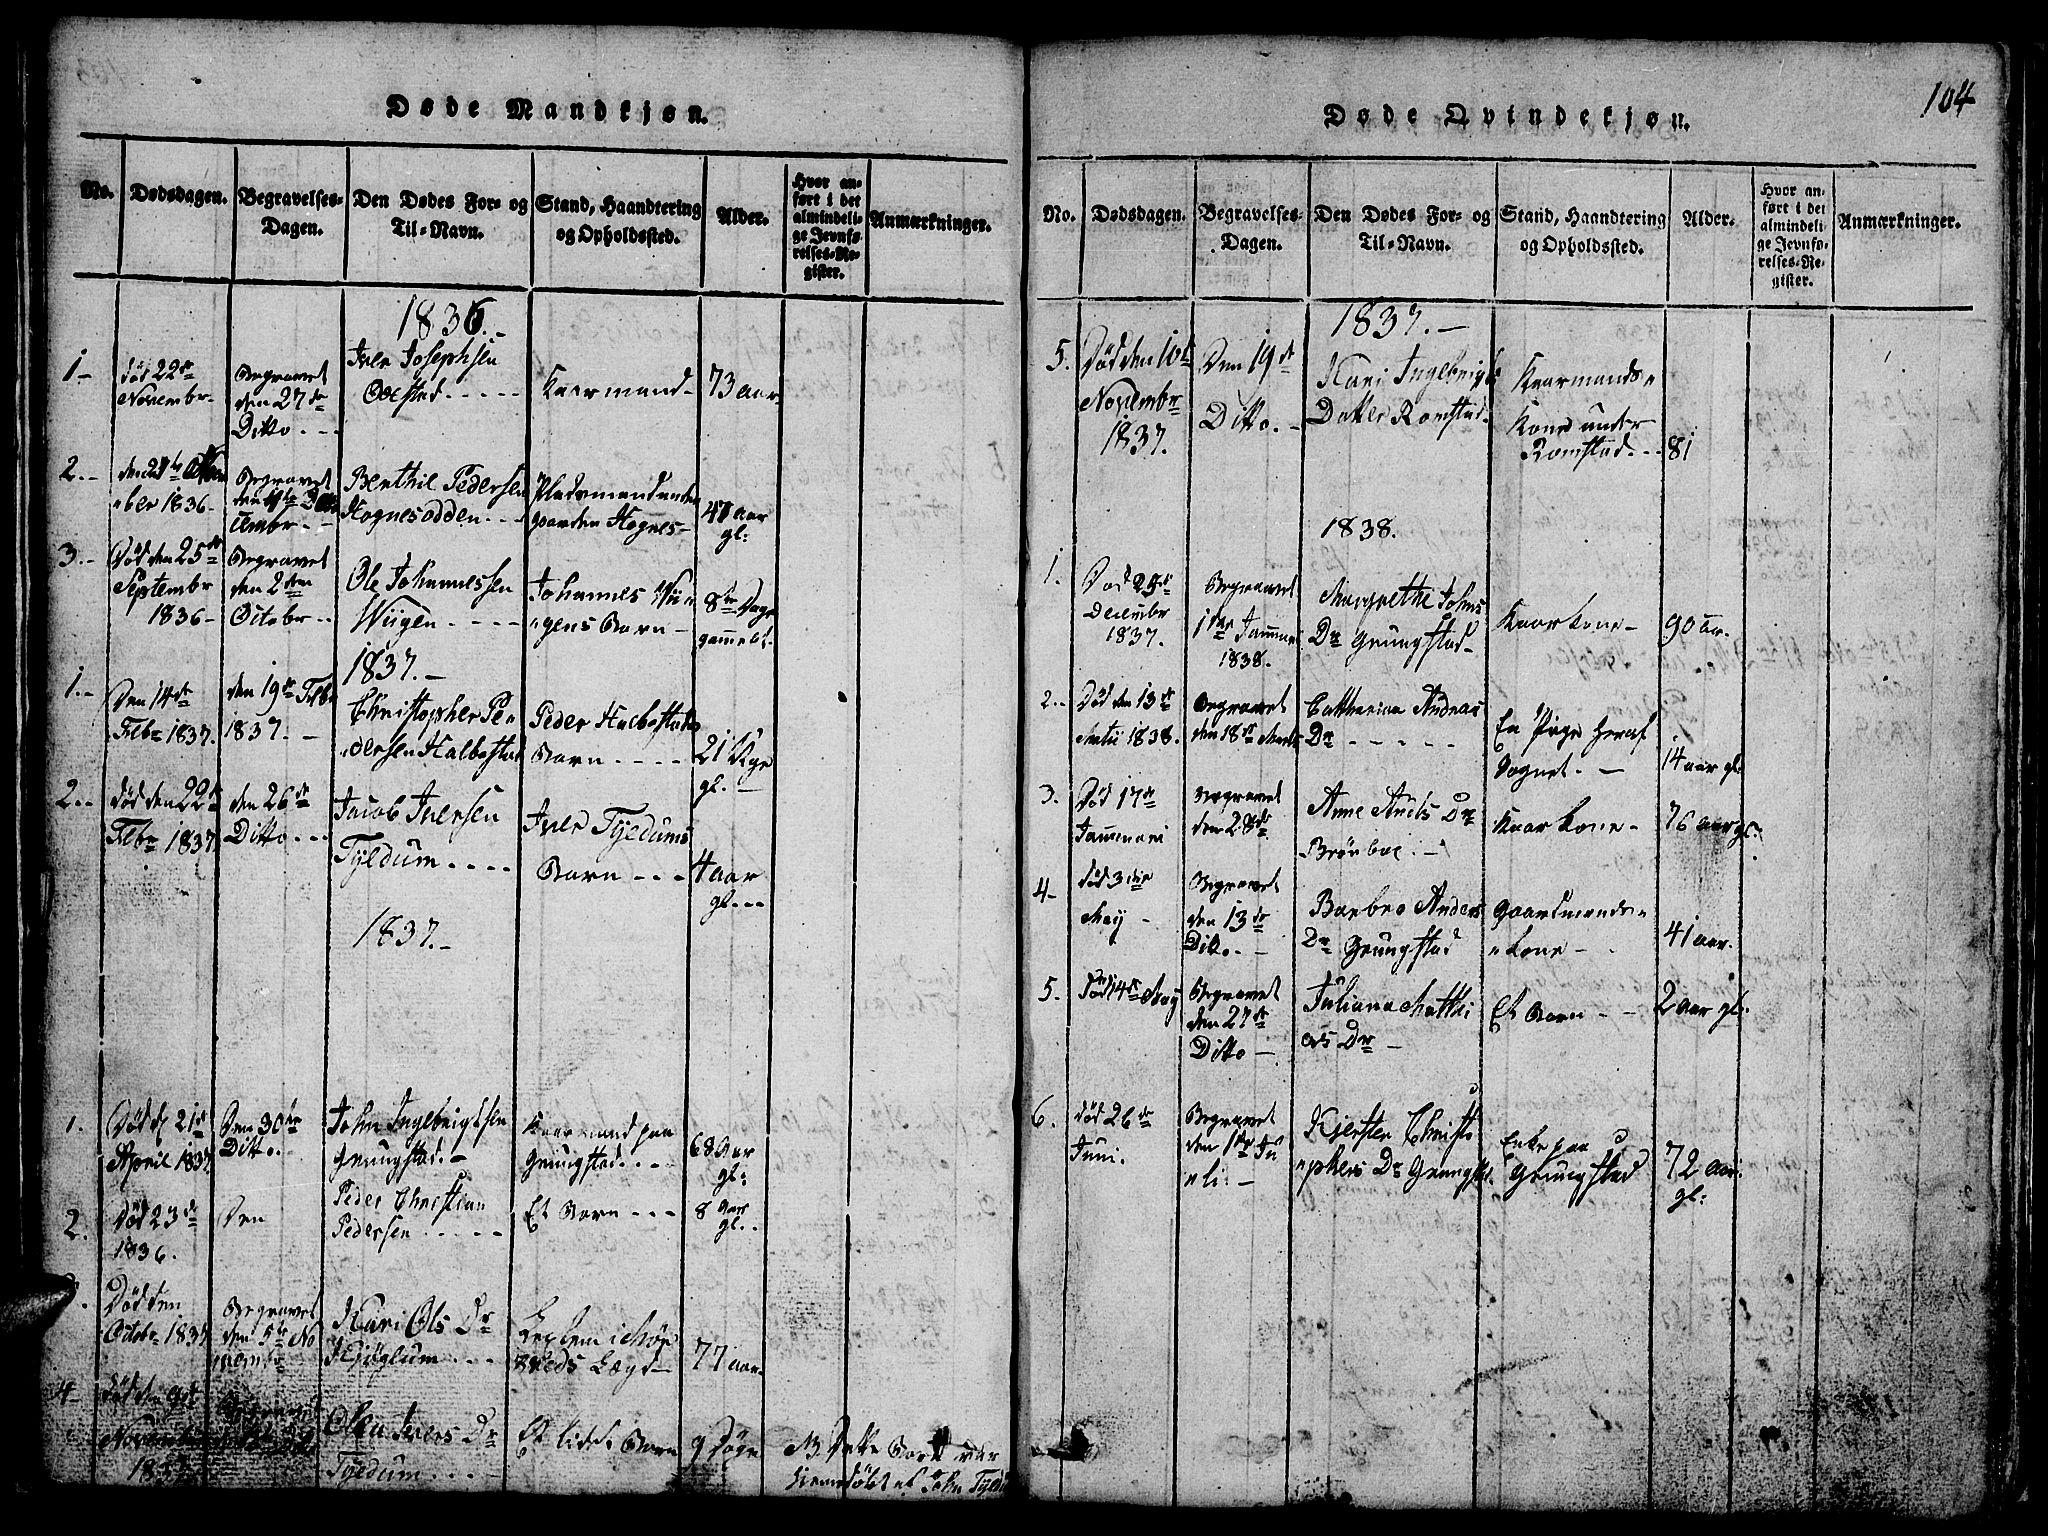 SAT, Ministerialprotokoller, klokkerbøker og fødselsregistre - Nord-Trøndelag, 765/L0562: Klokkerbok nr. 765C01, 1817-1851, s. 104